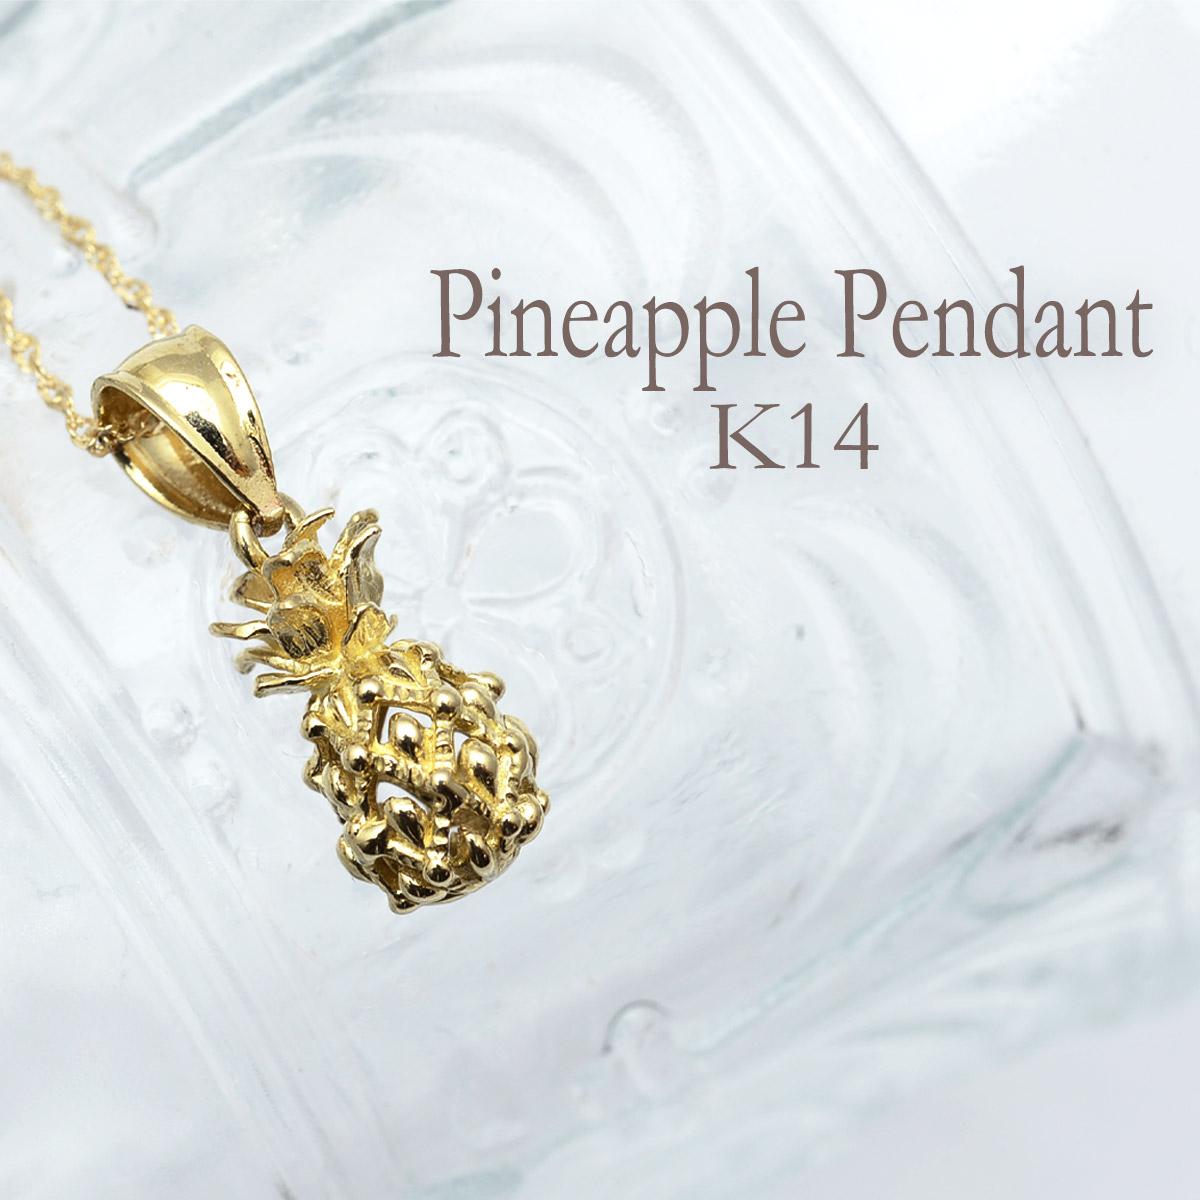 ハワイアンジュエリー アクセサリー レディース 女性 メンズ 男性 パイナップル イエローゴールド ピンクゴールド K14 ペンダント ネックレス(付属チェーン無し) bpd1489/新作